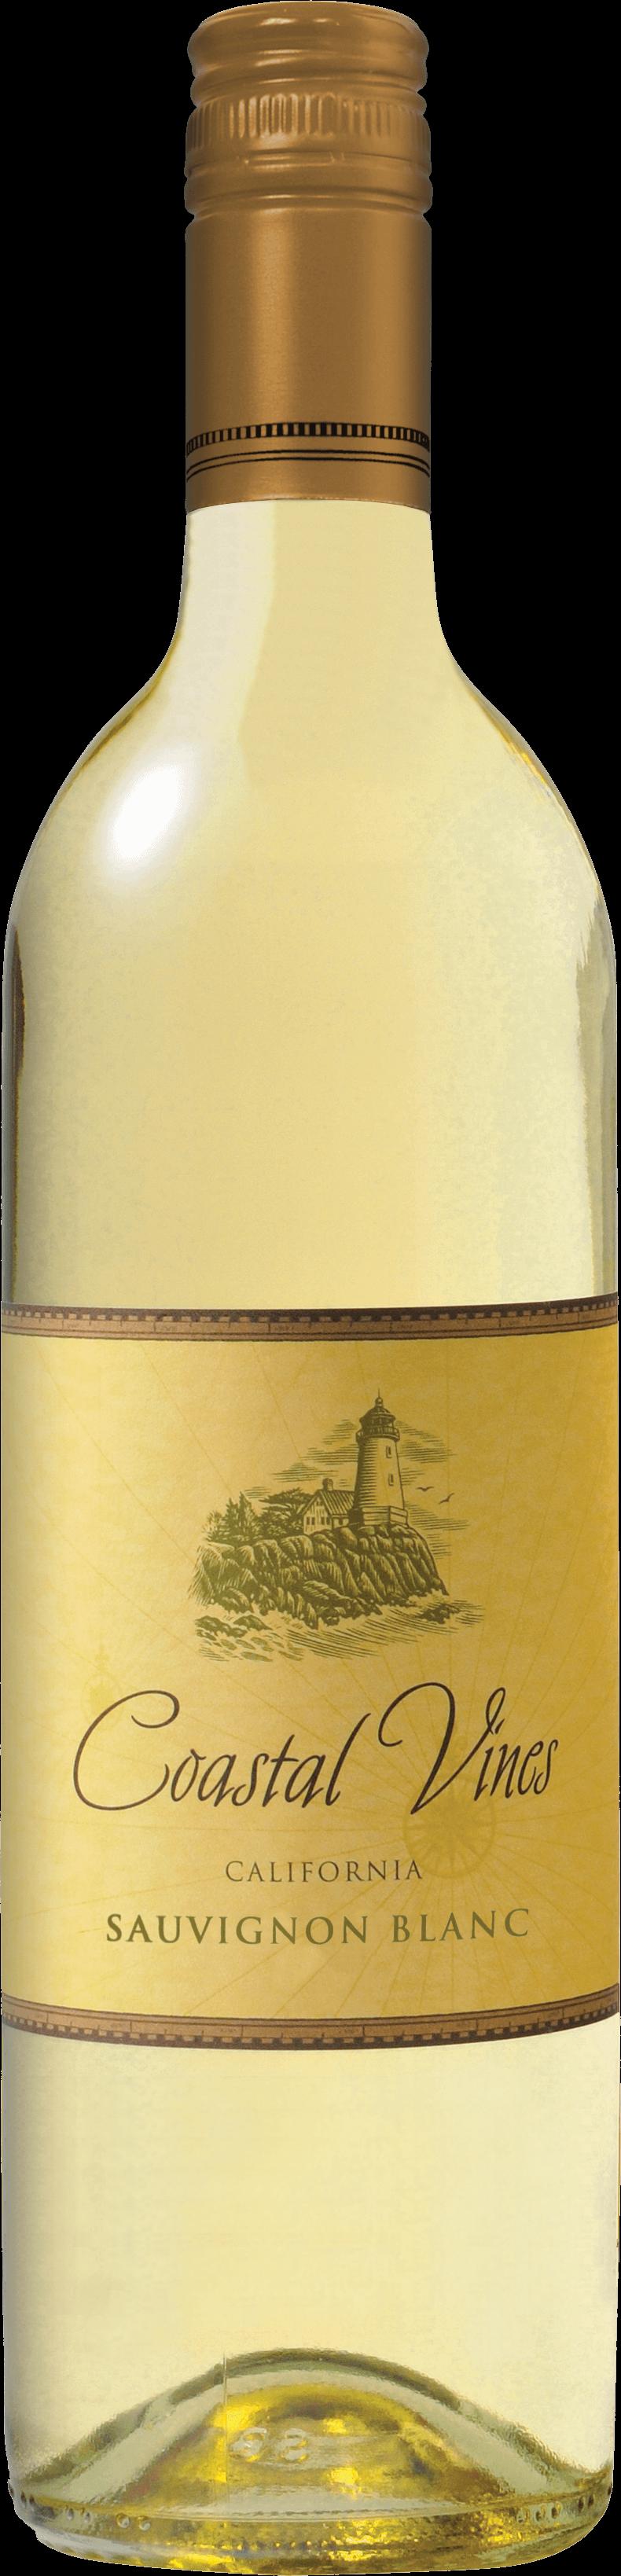 Coastal Vines Sauvignon Blanc Bottleshot